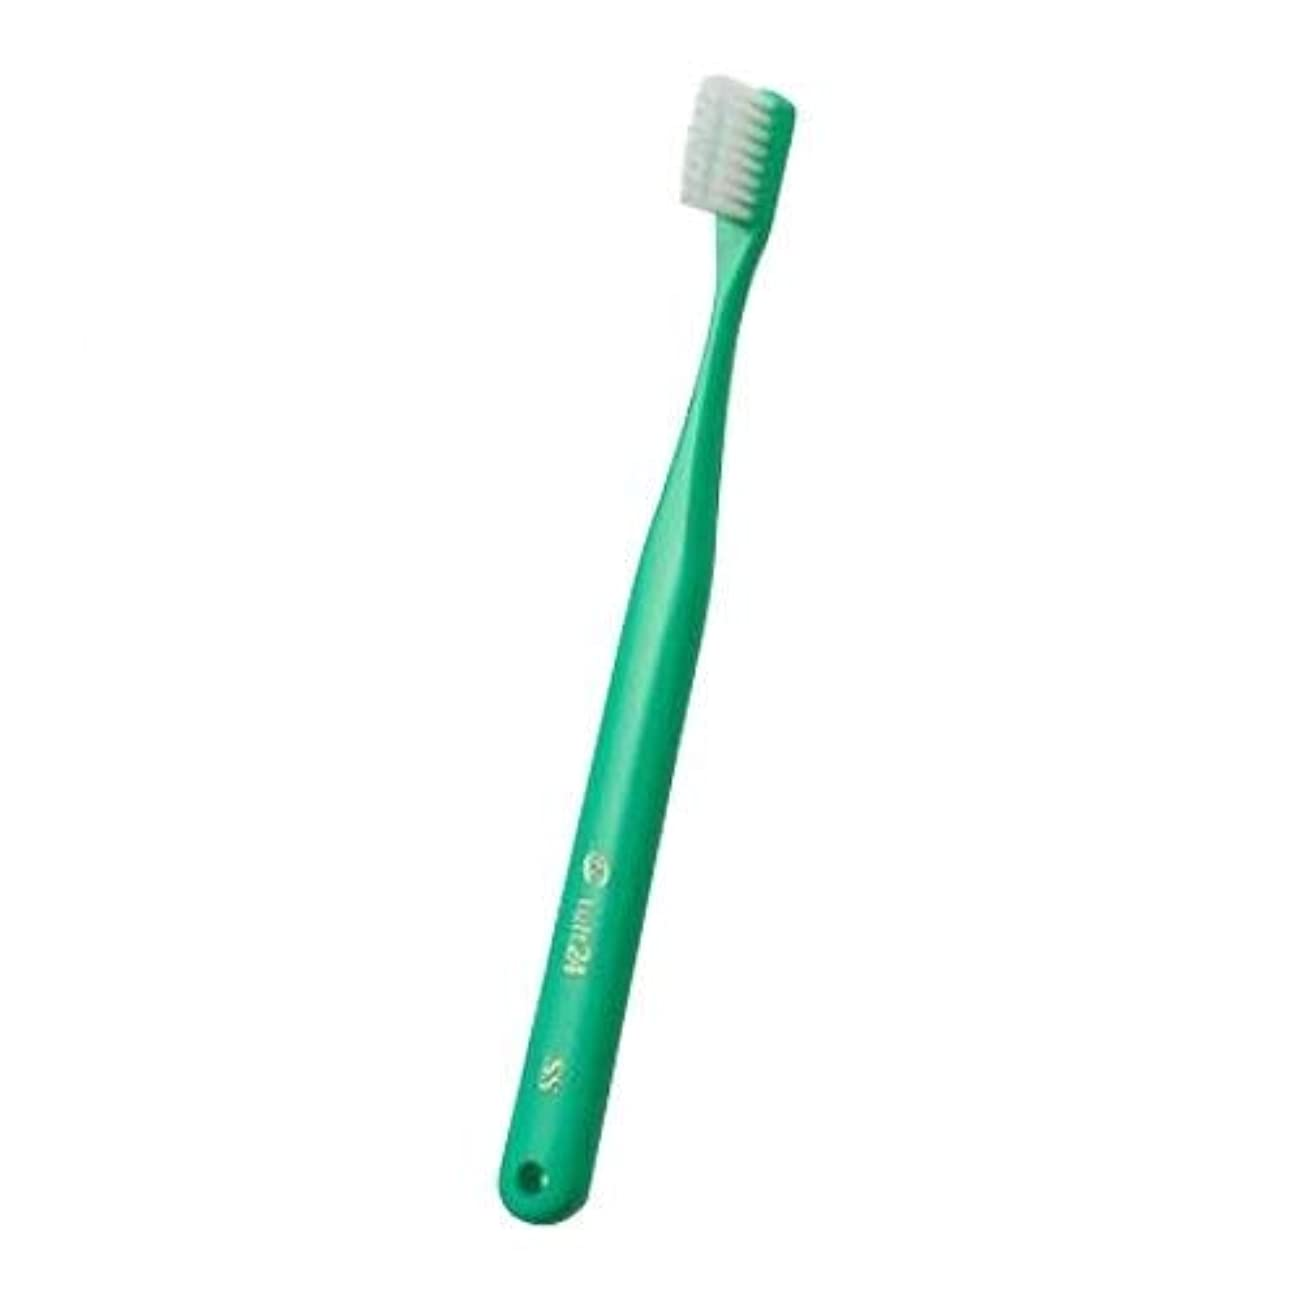 先にサラダクマノミオーラルケア キャップ付き タフト 24 歯ブラシ スーパーソフト 1本 (グリーン)